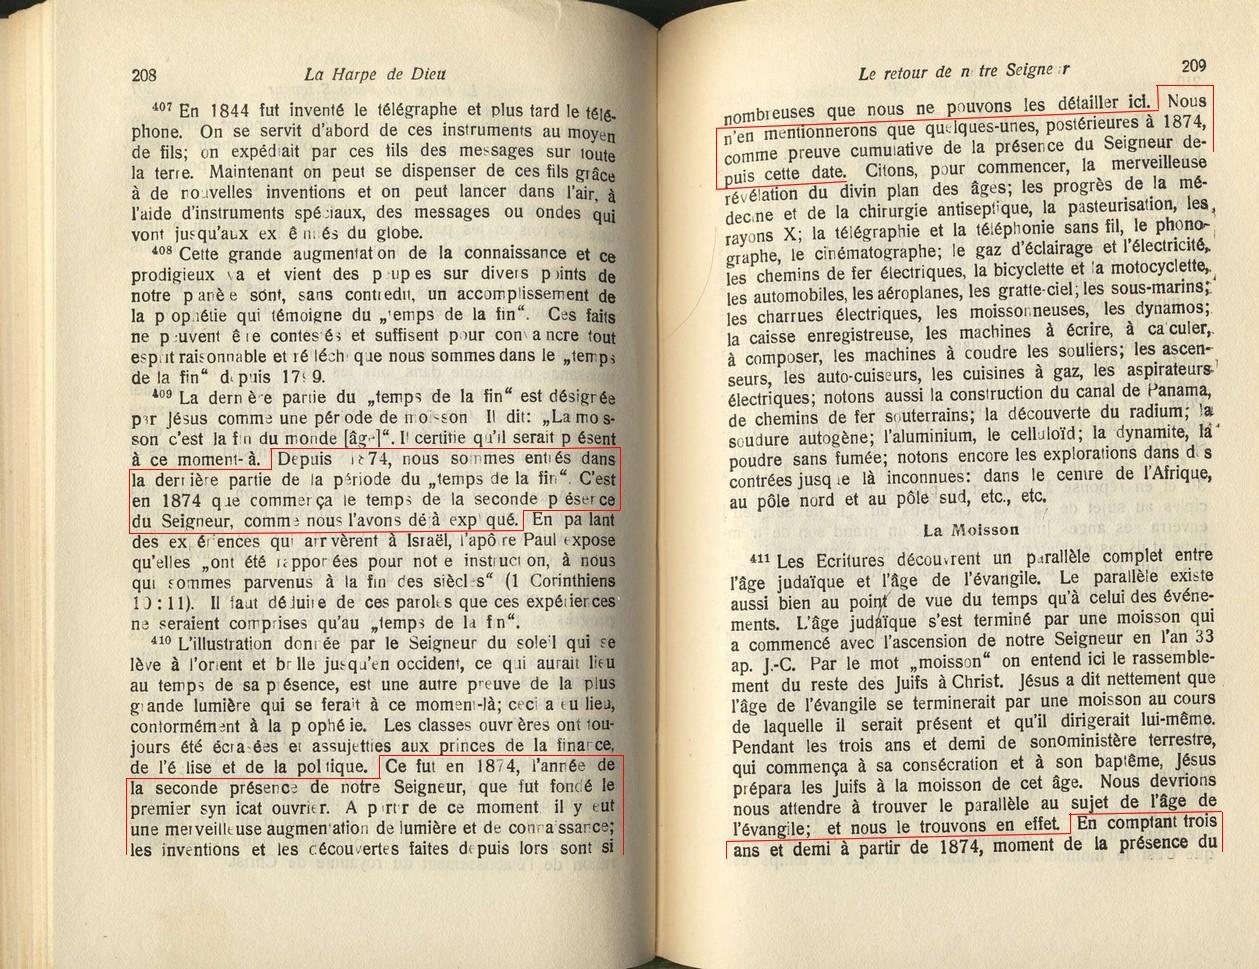 Affirmation de la pr sencede christ sur la terre depuis 1874 - Css wrapper div ...